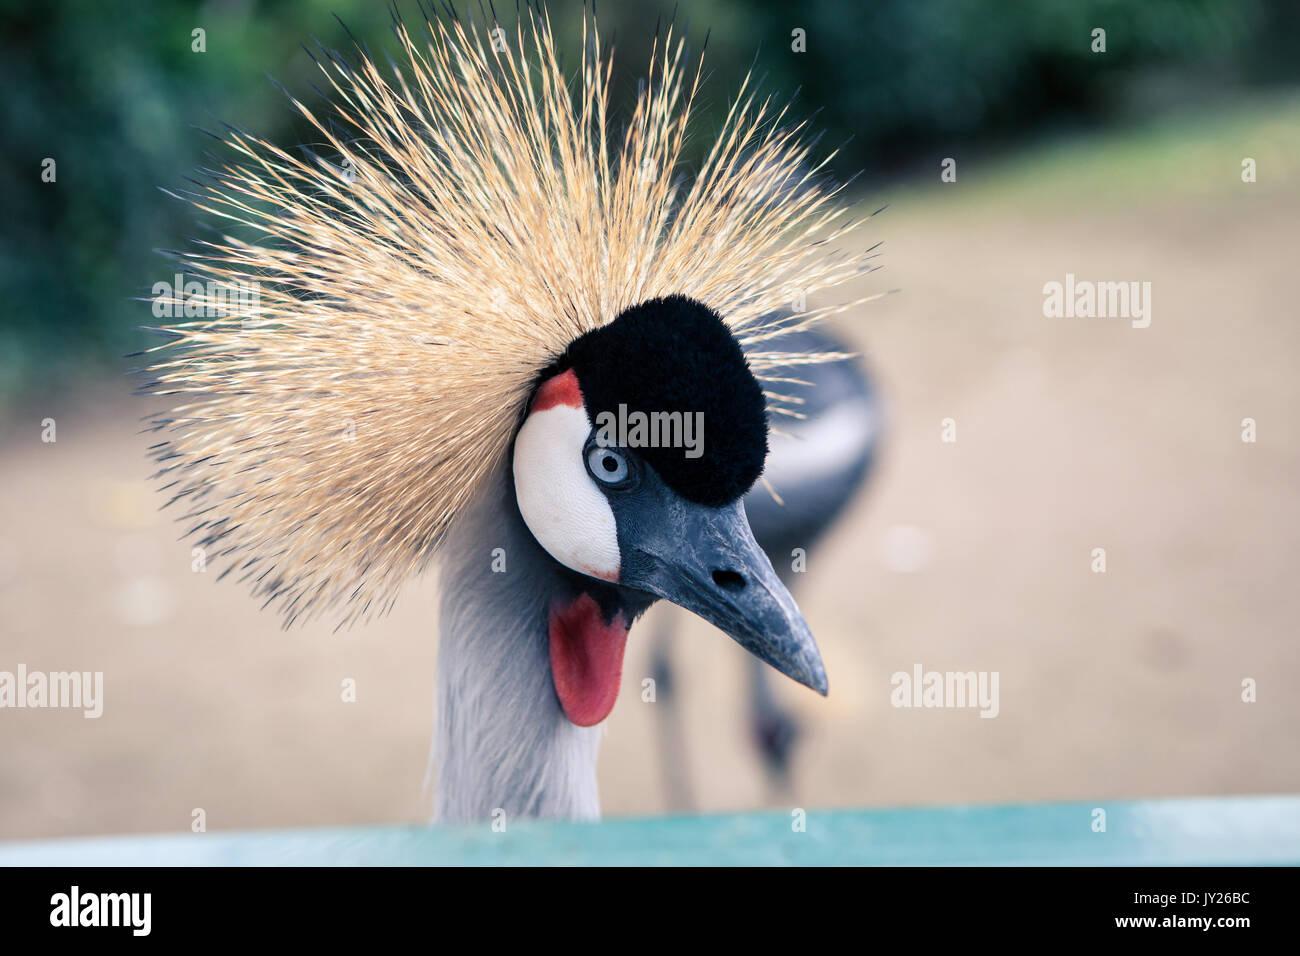 Schöne gekrönter Kran mit blauen Augen und roten Akazie Stockbild